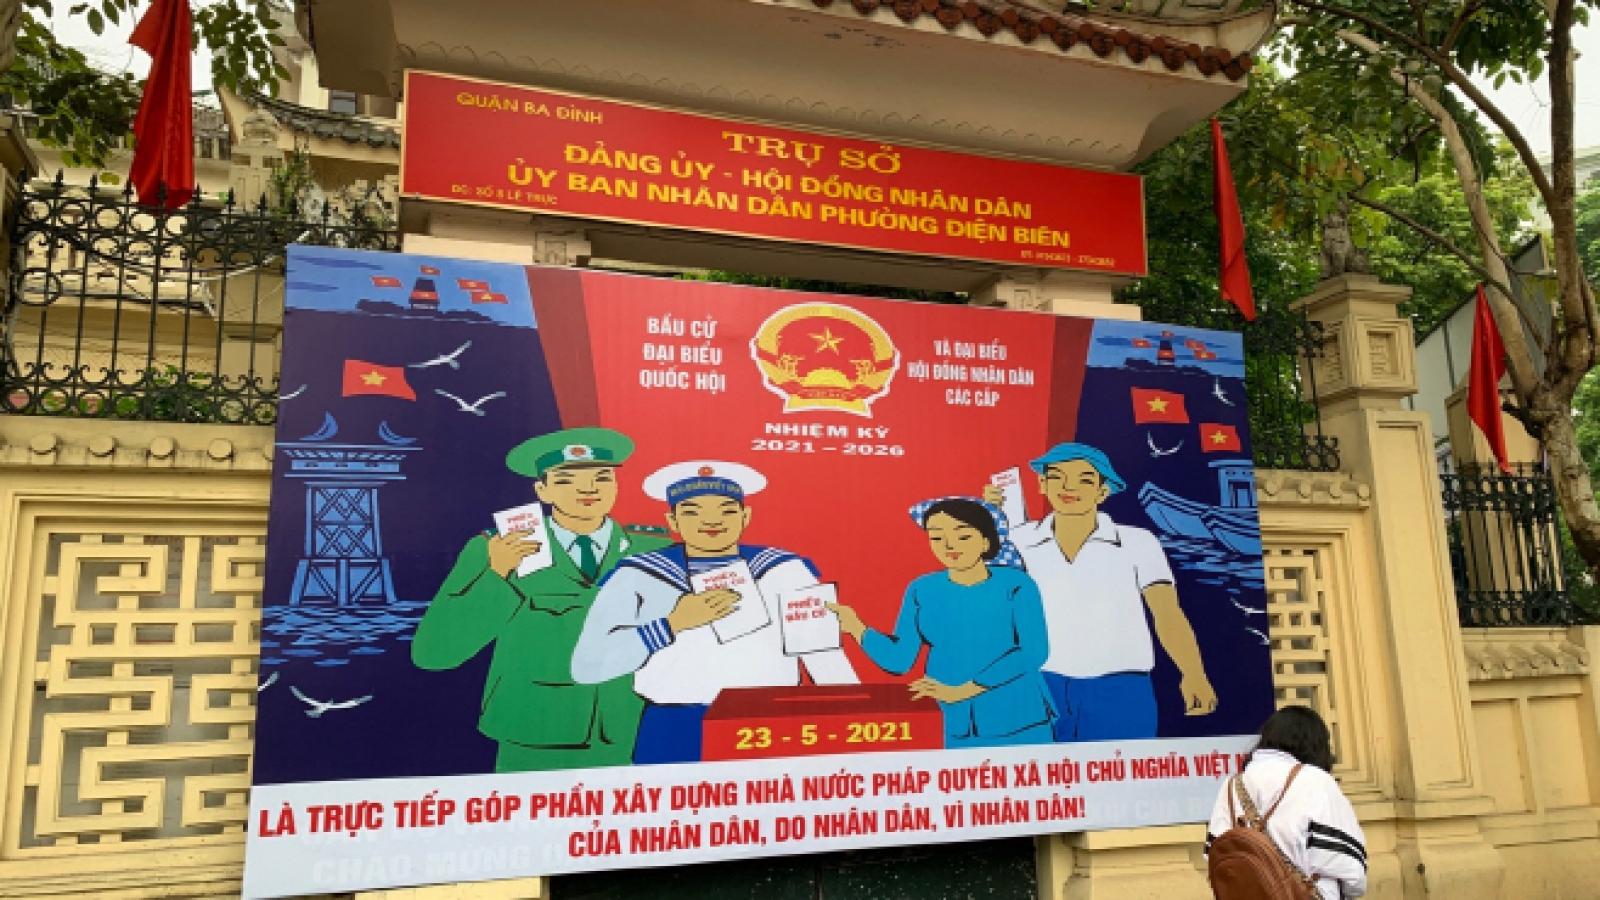 Báo chí quốc tế: Việt Nam bầu cử đúng kế hoạch dù dịch bệnh còn phức tạp